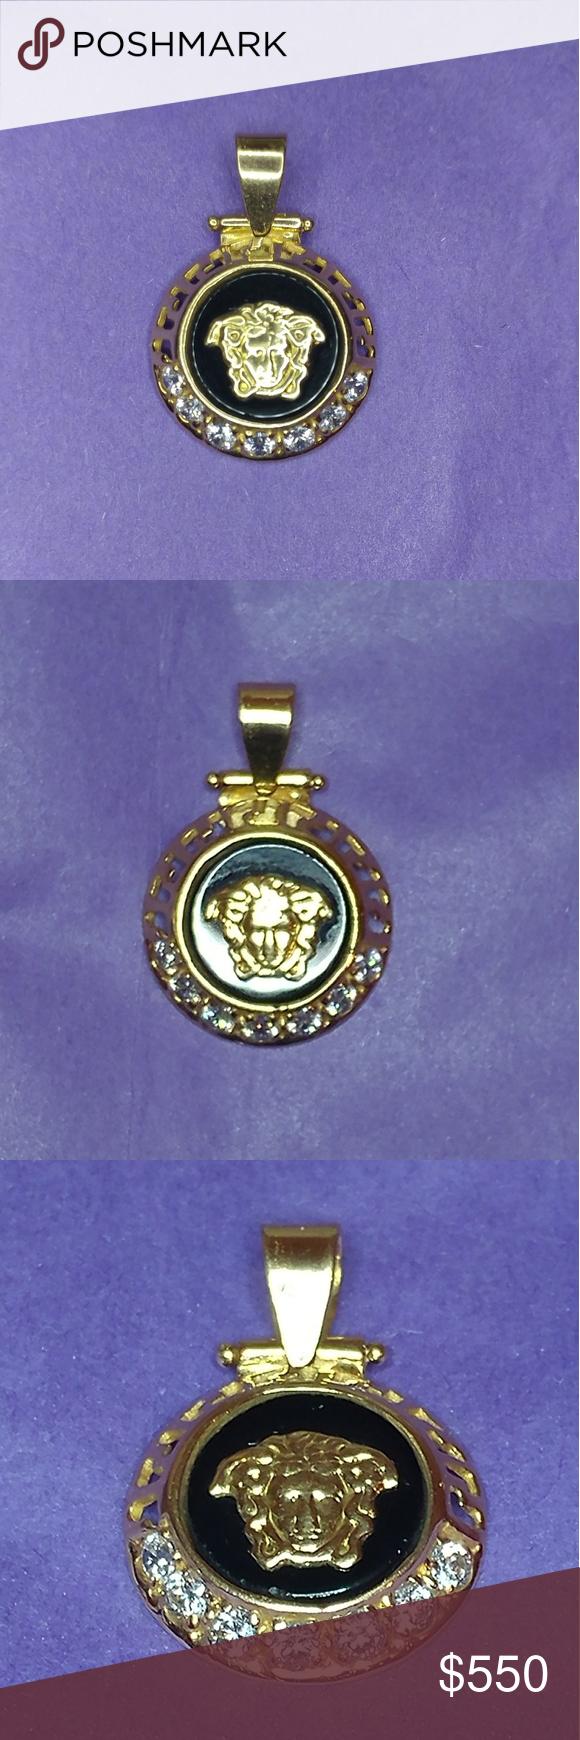 vintage k versace pendant beautiful and unique this vintage